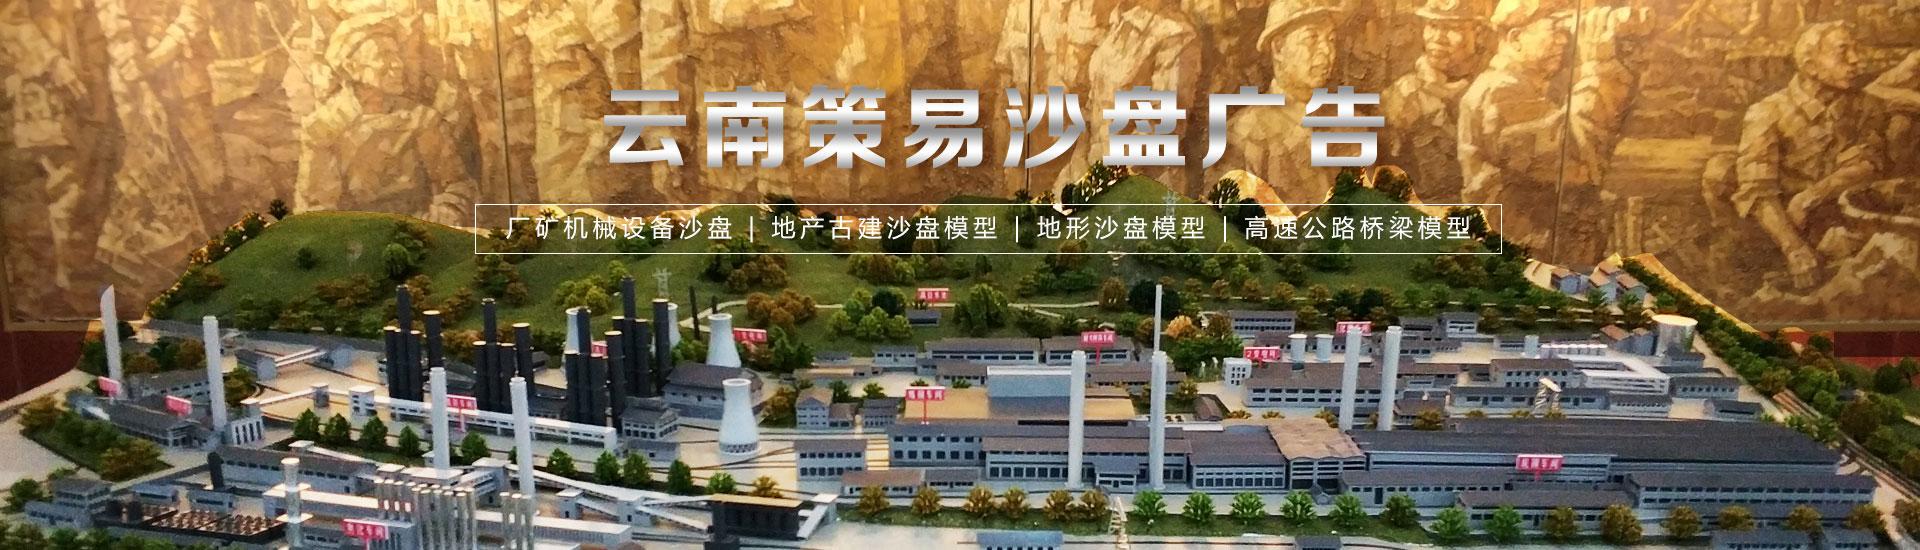 昆明vwin德赢娱乐官方平台vwin手机app